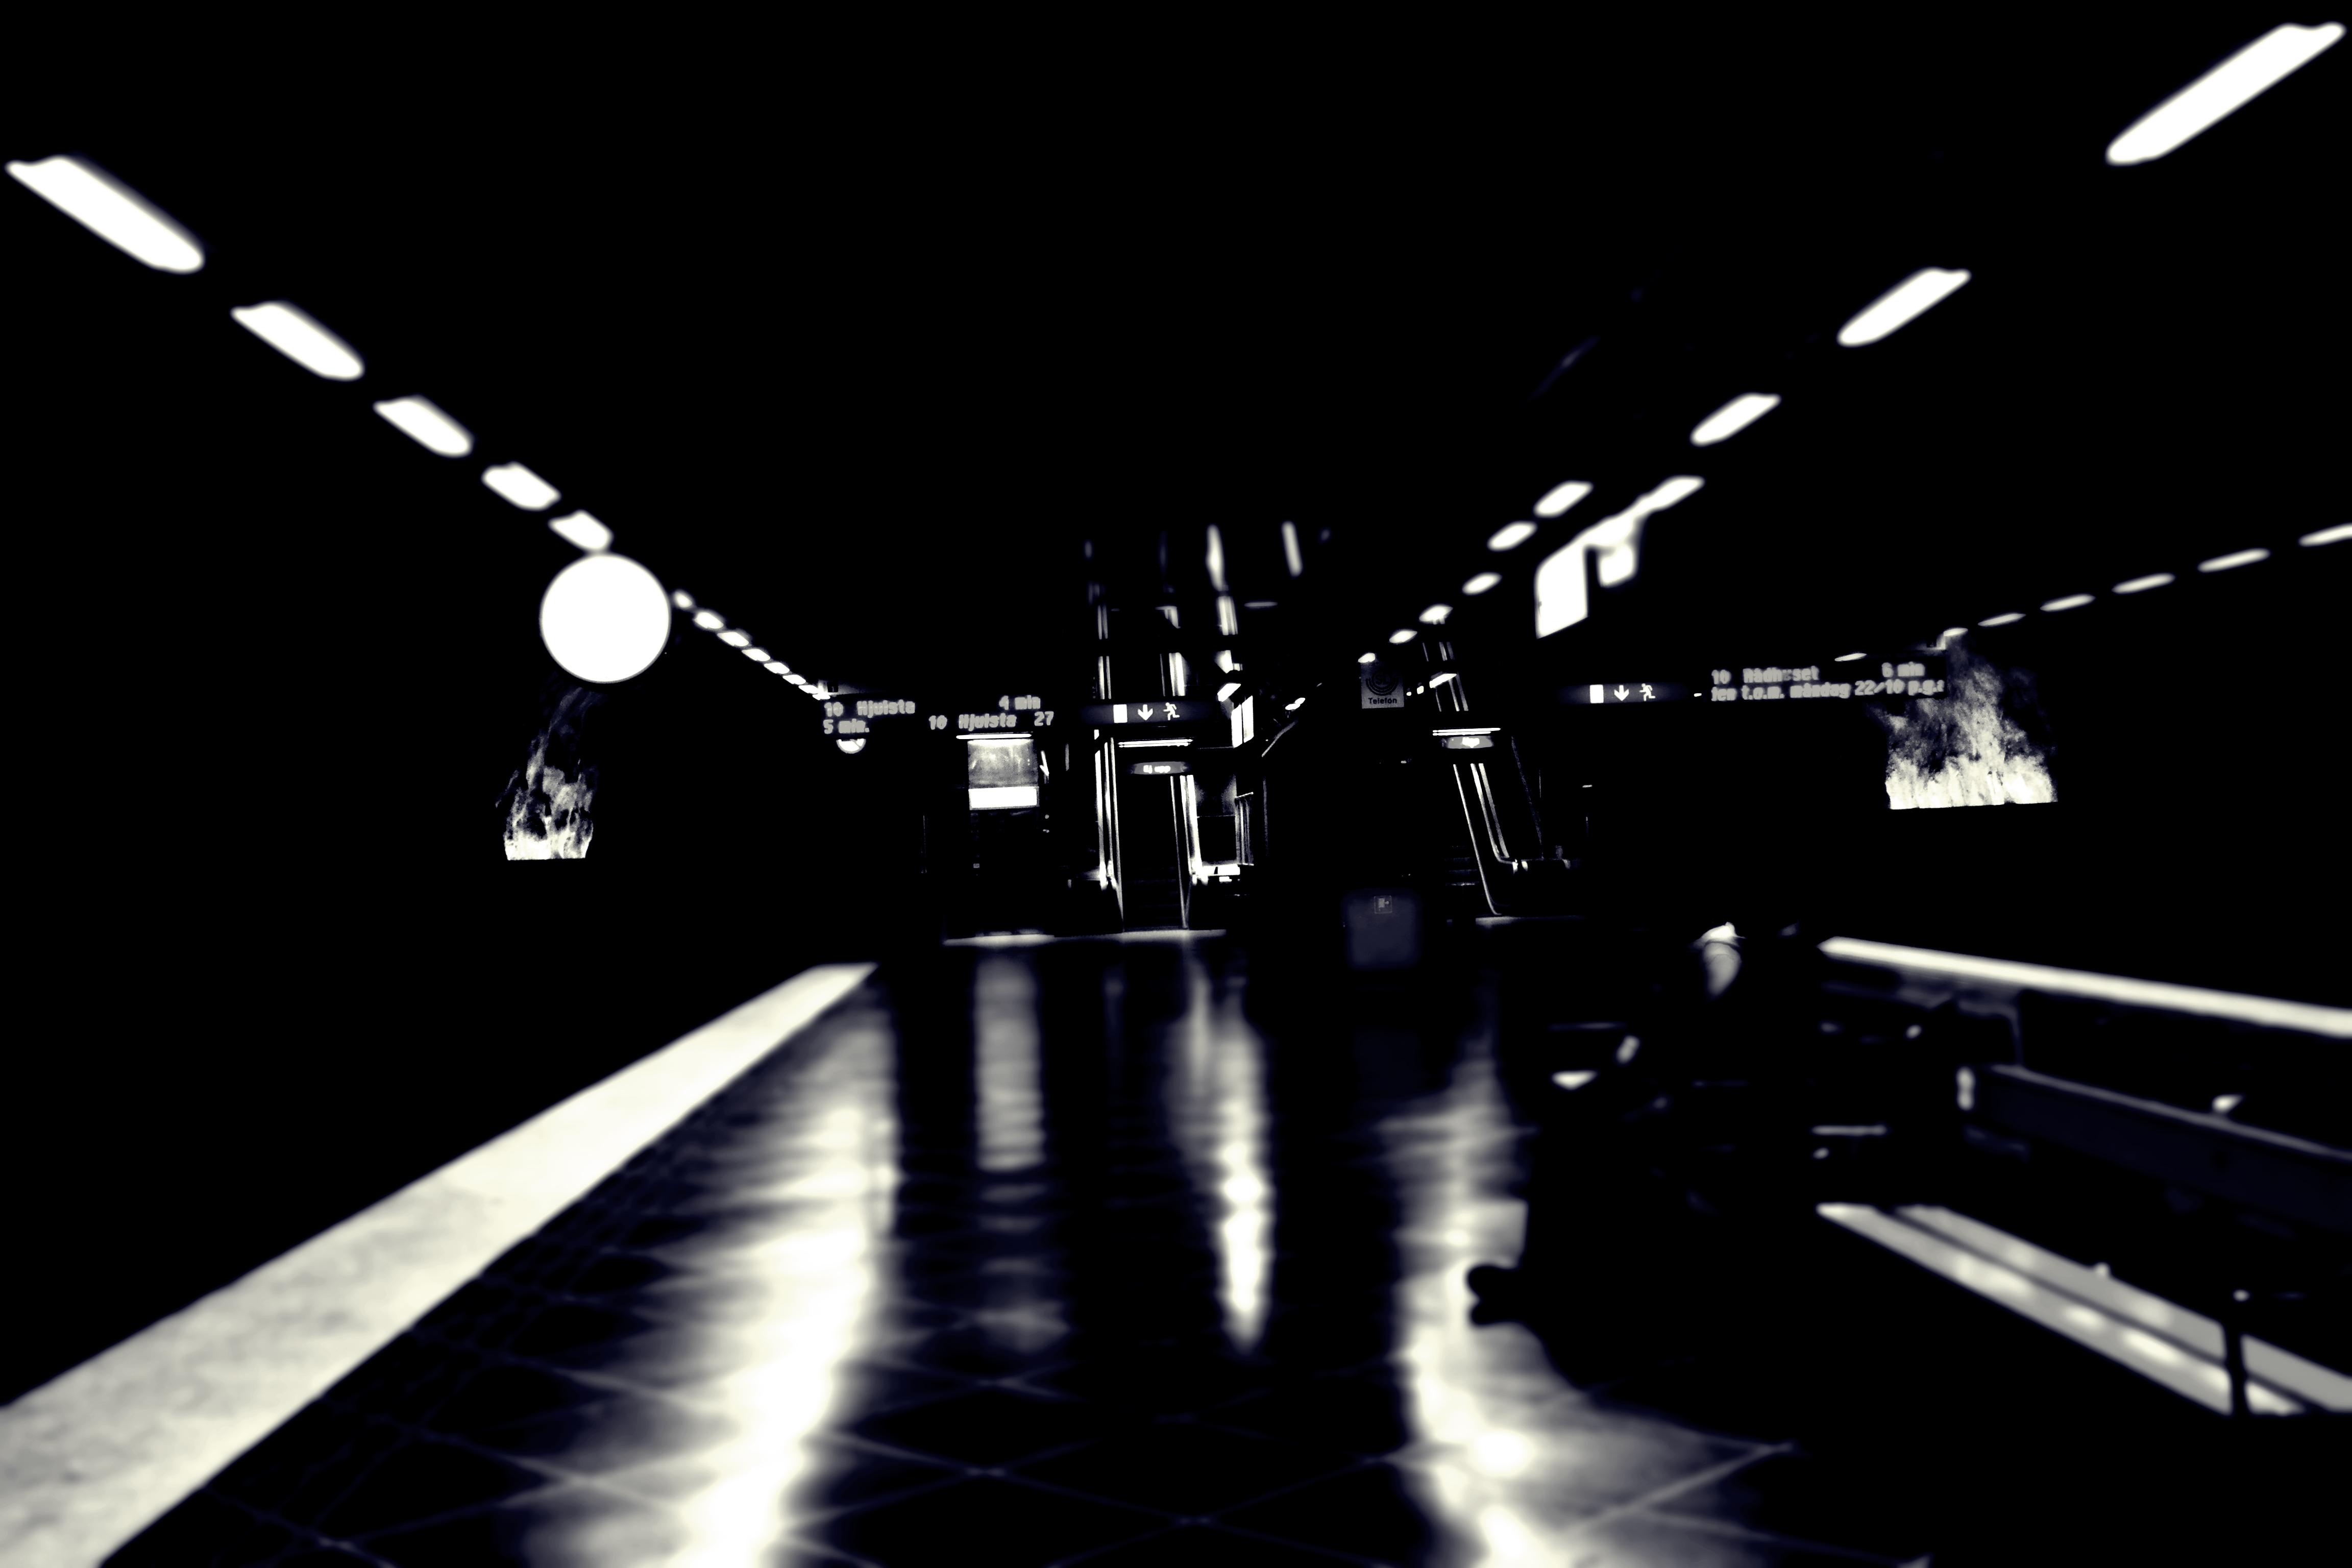 es_persze_a_metro_sto_1366843566.jpg_4608x3072